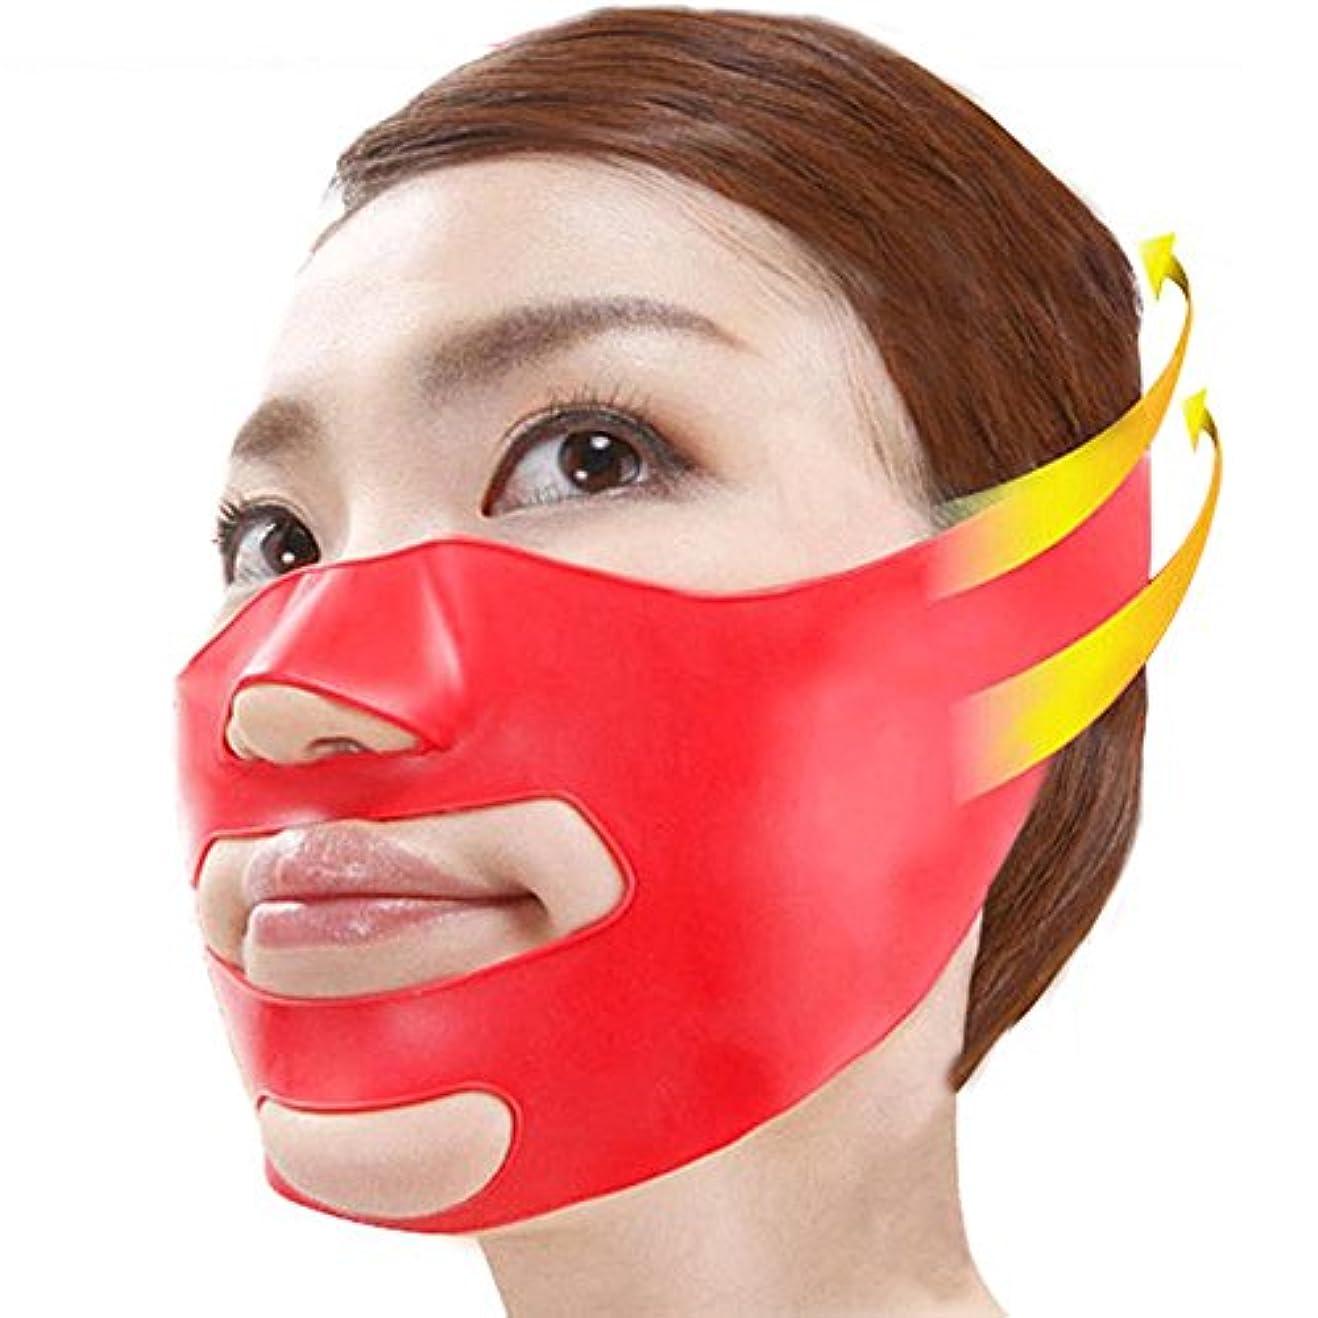 加害者謎めいたビン3D 小顔 マッサージグッズ フェイスマスク 美容 顔痩せ ほうれい線 消す グッズ 美顔 矯正 (フリーサイズ, レッド)